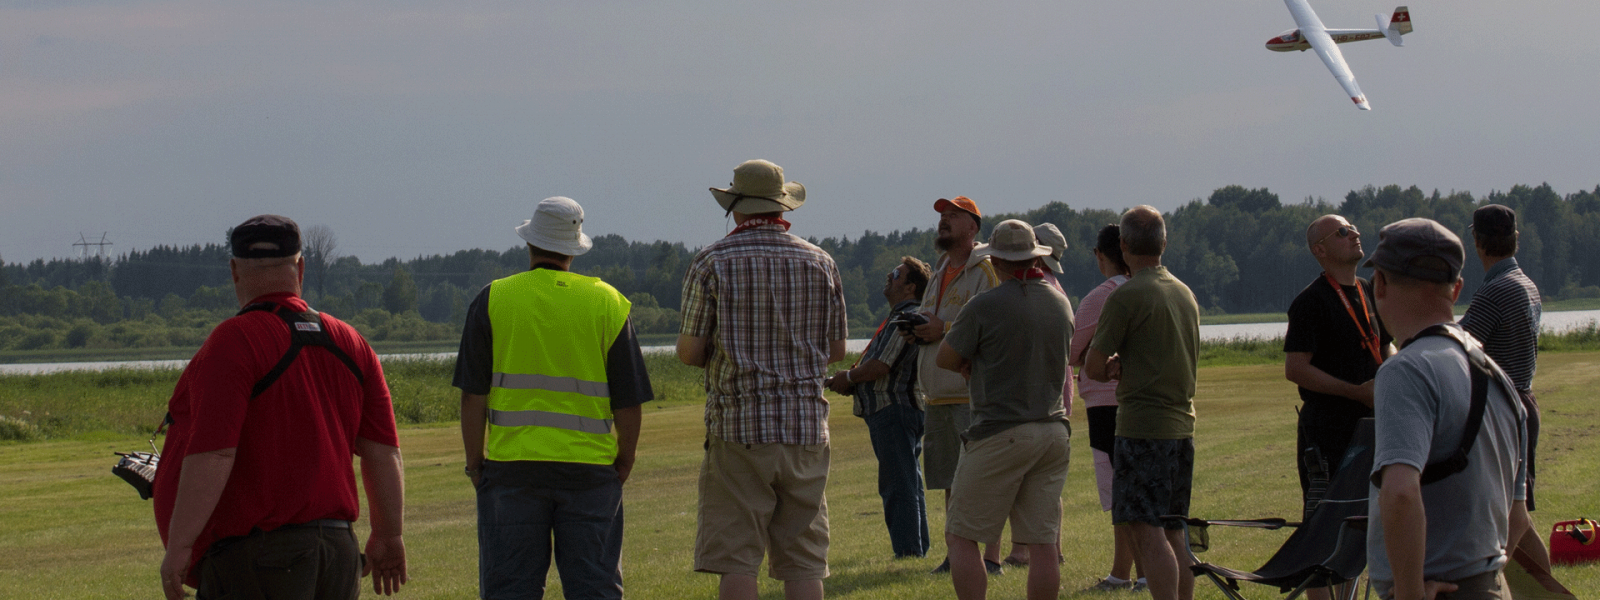 Wredeby Aerotow 11.-13.7.2014